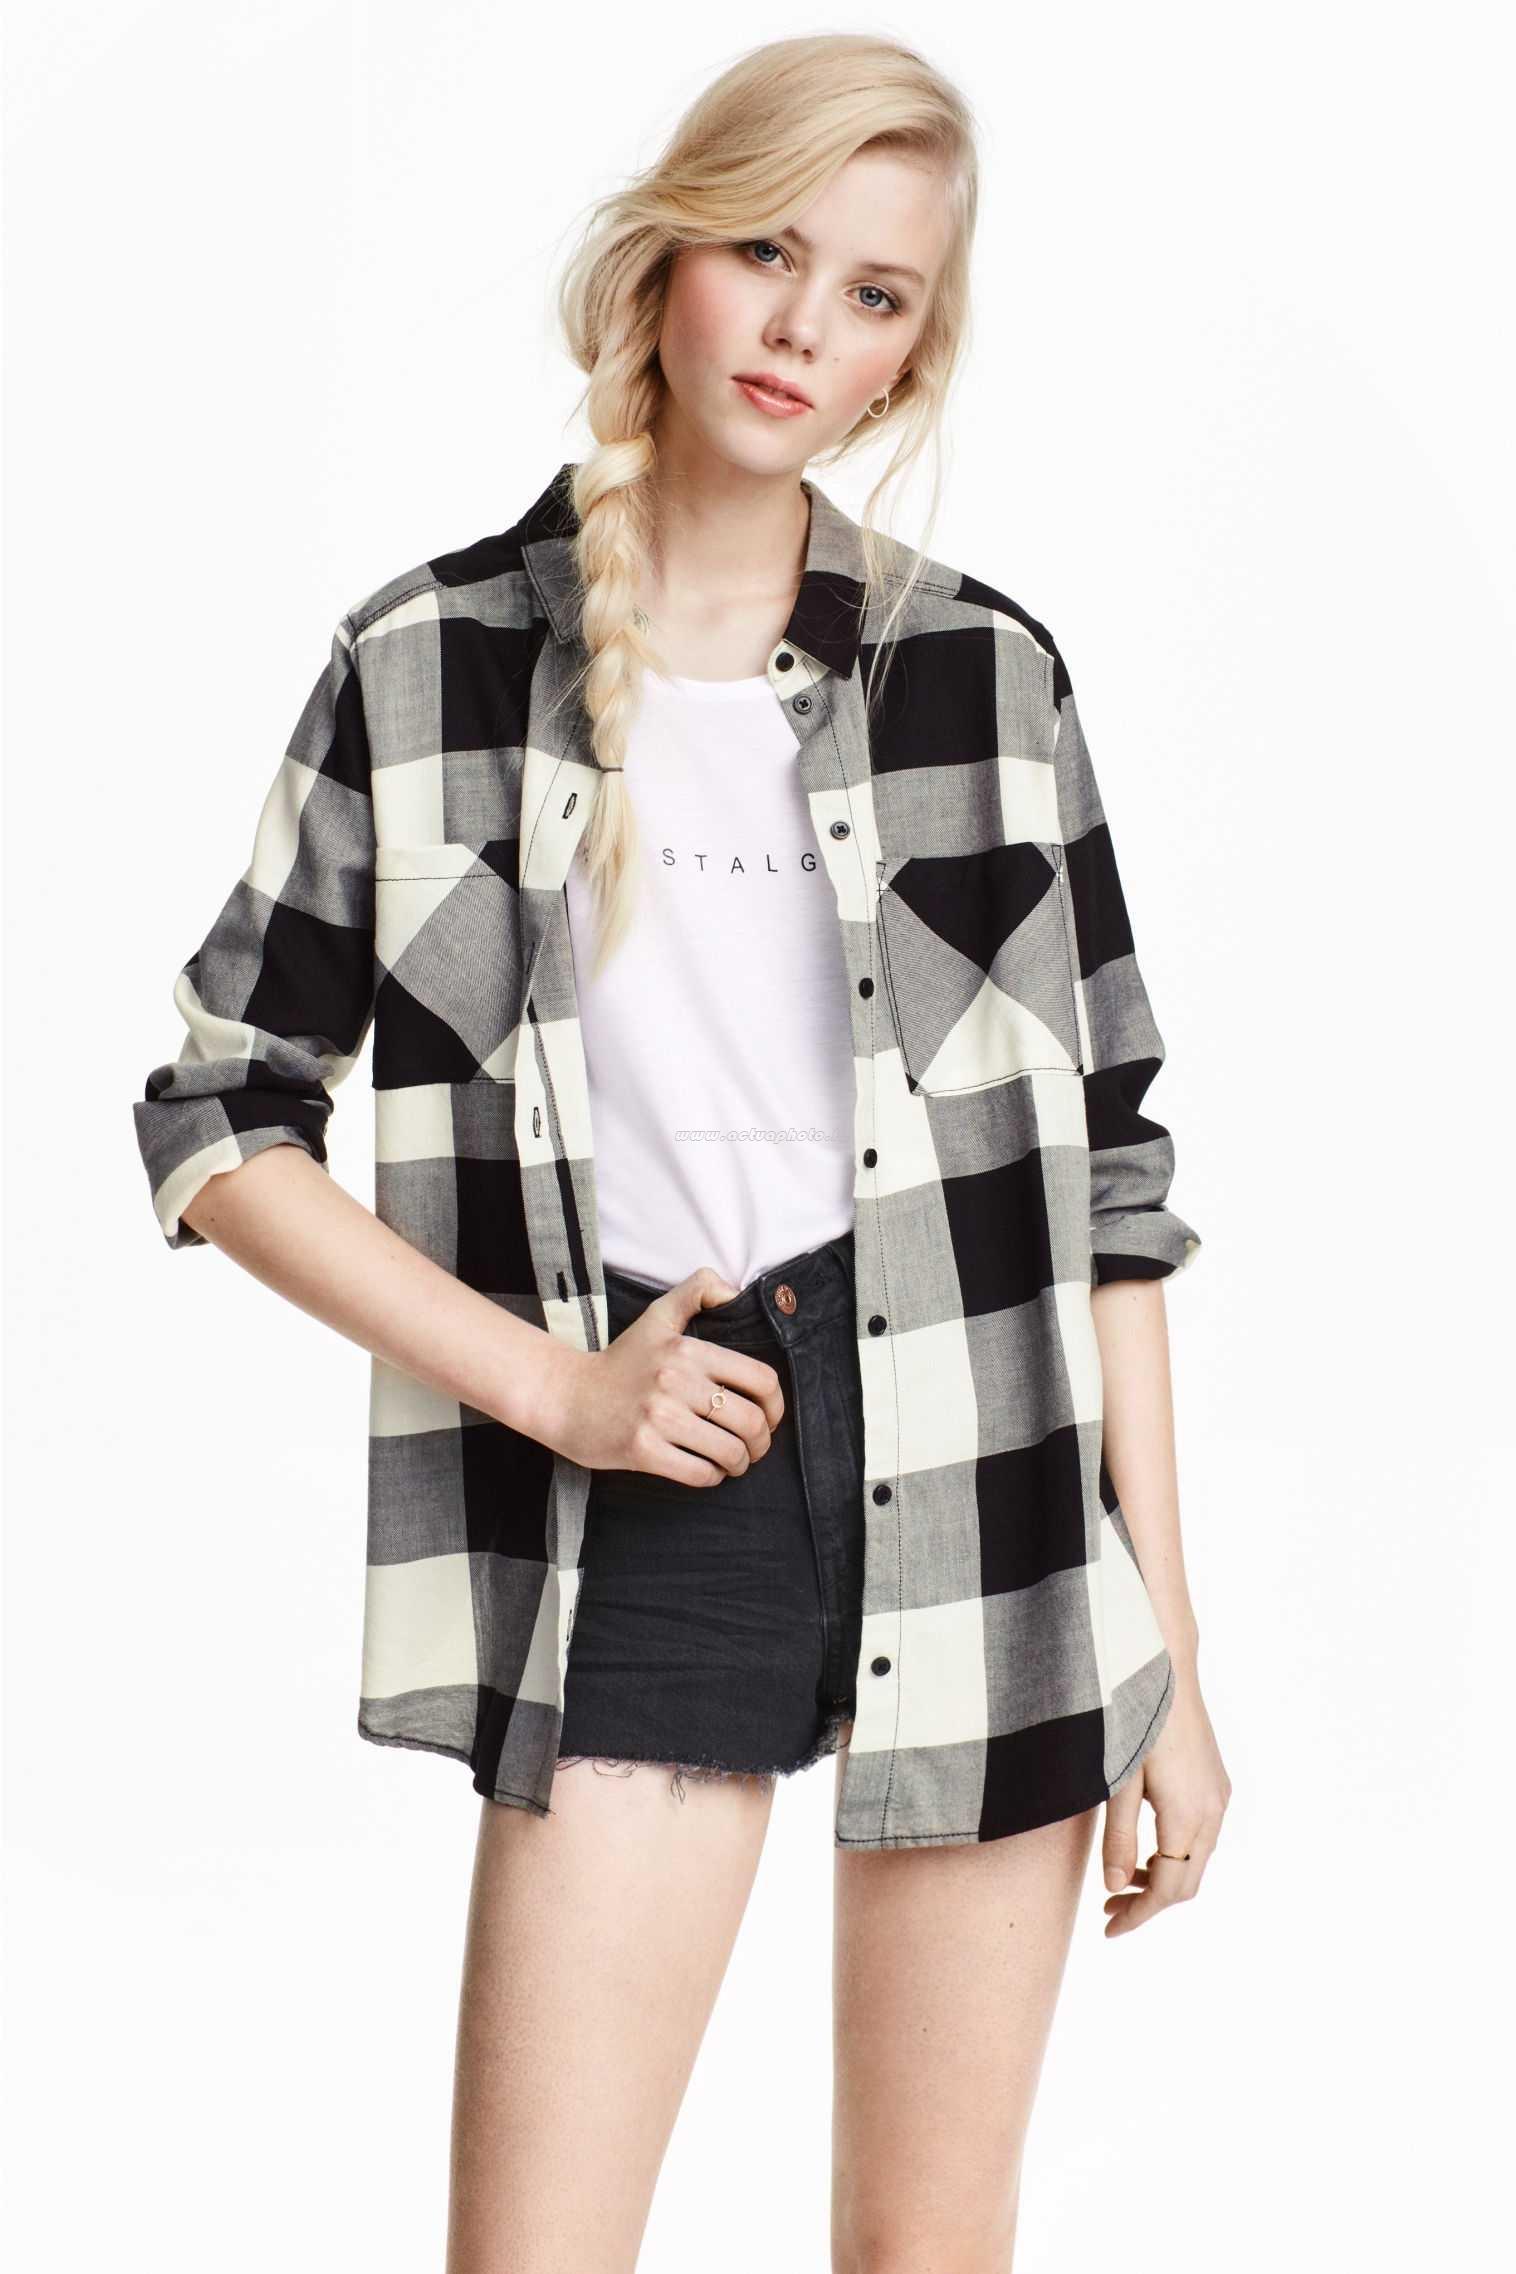 chemise a carreaux femme noir et blanc 9ed9bde05a2d